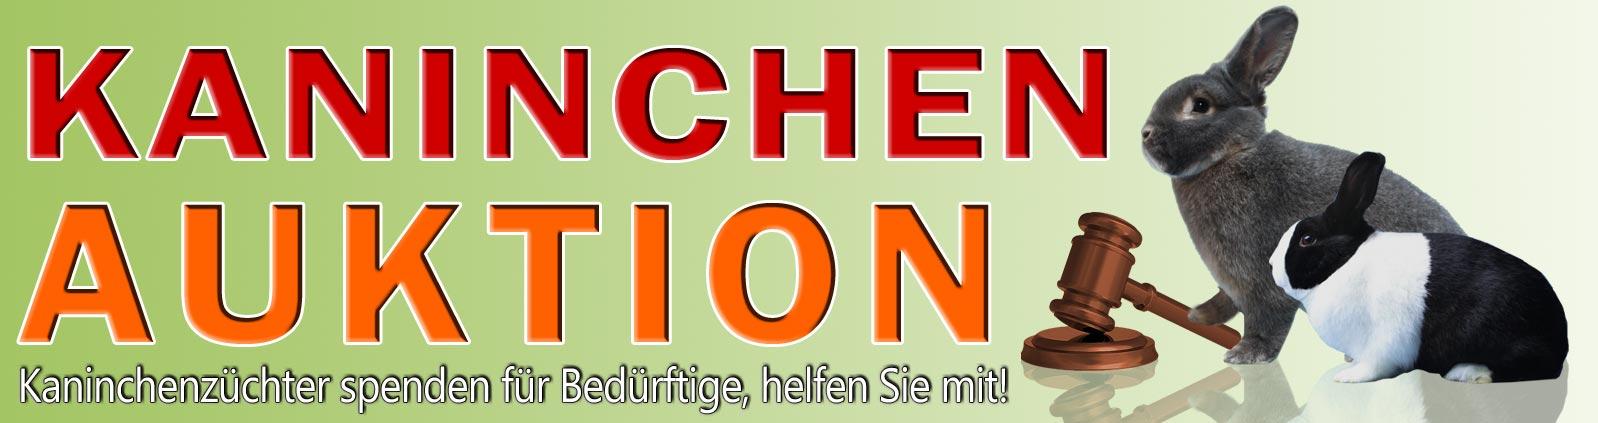 Banner Download Kaninchenversteigerung